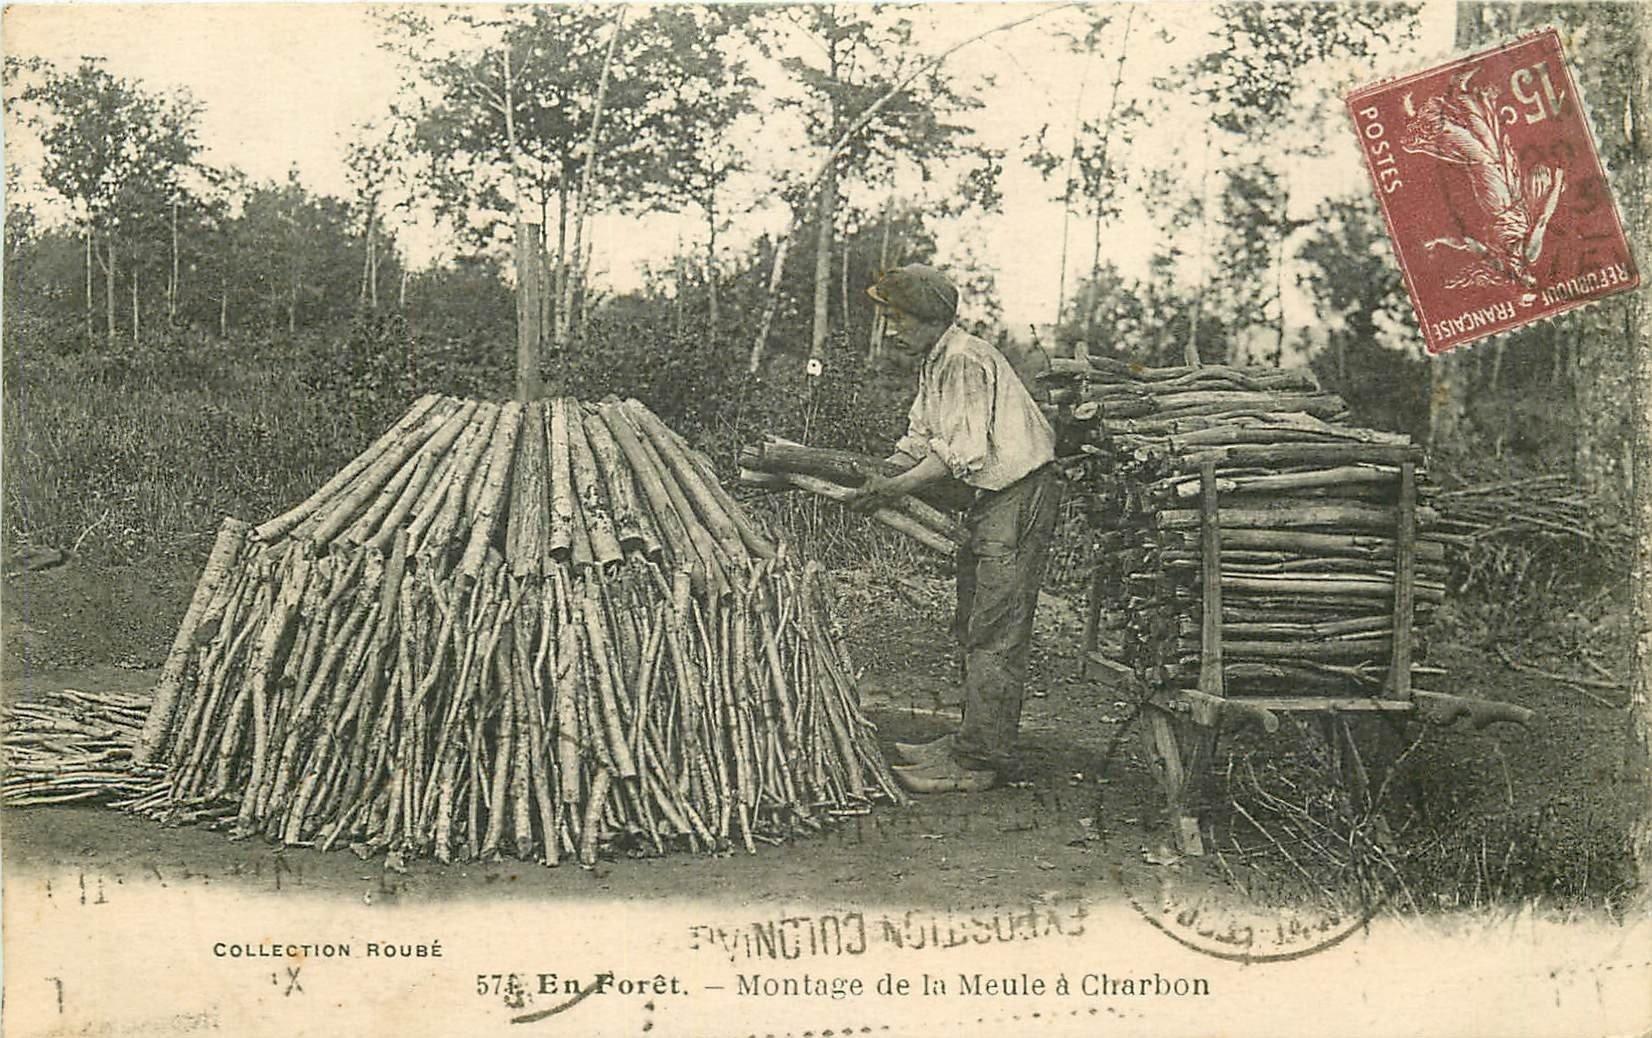 WW 58 EN FORÊT. Montage de la Meule à Charbon 1931